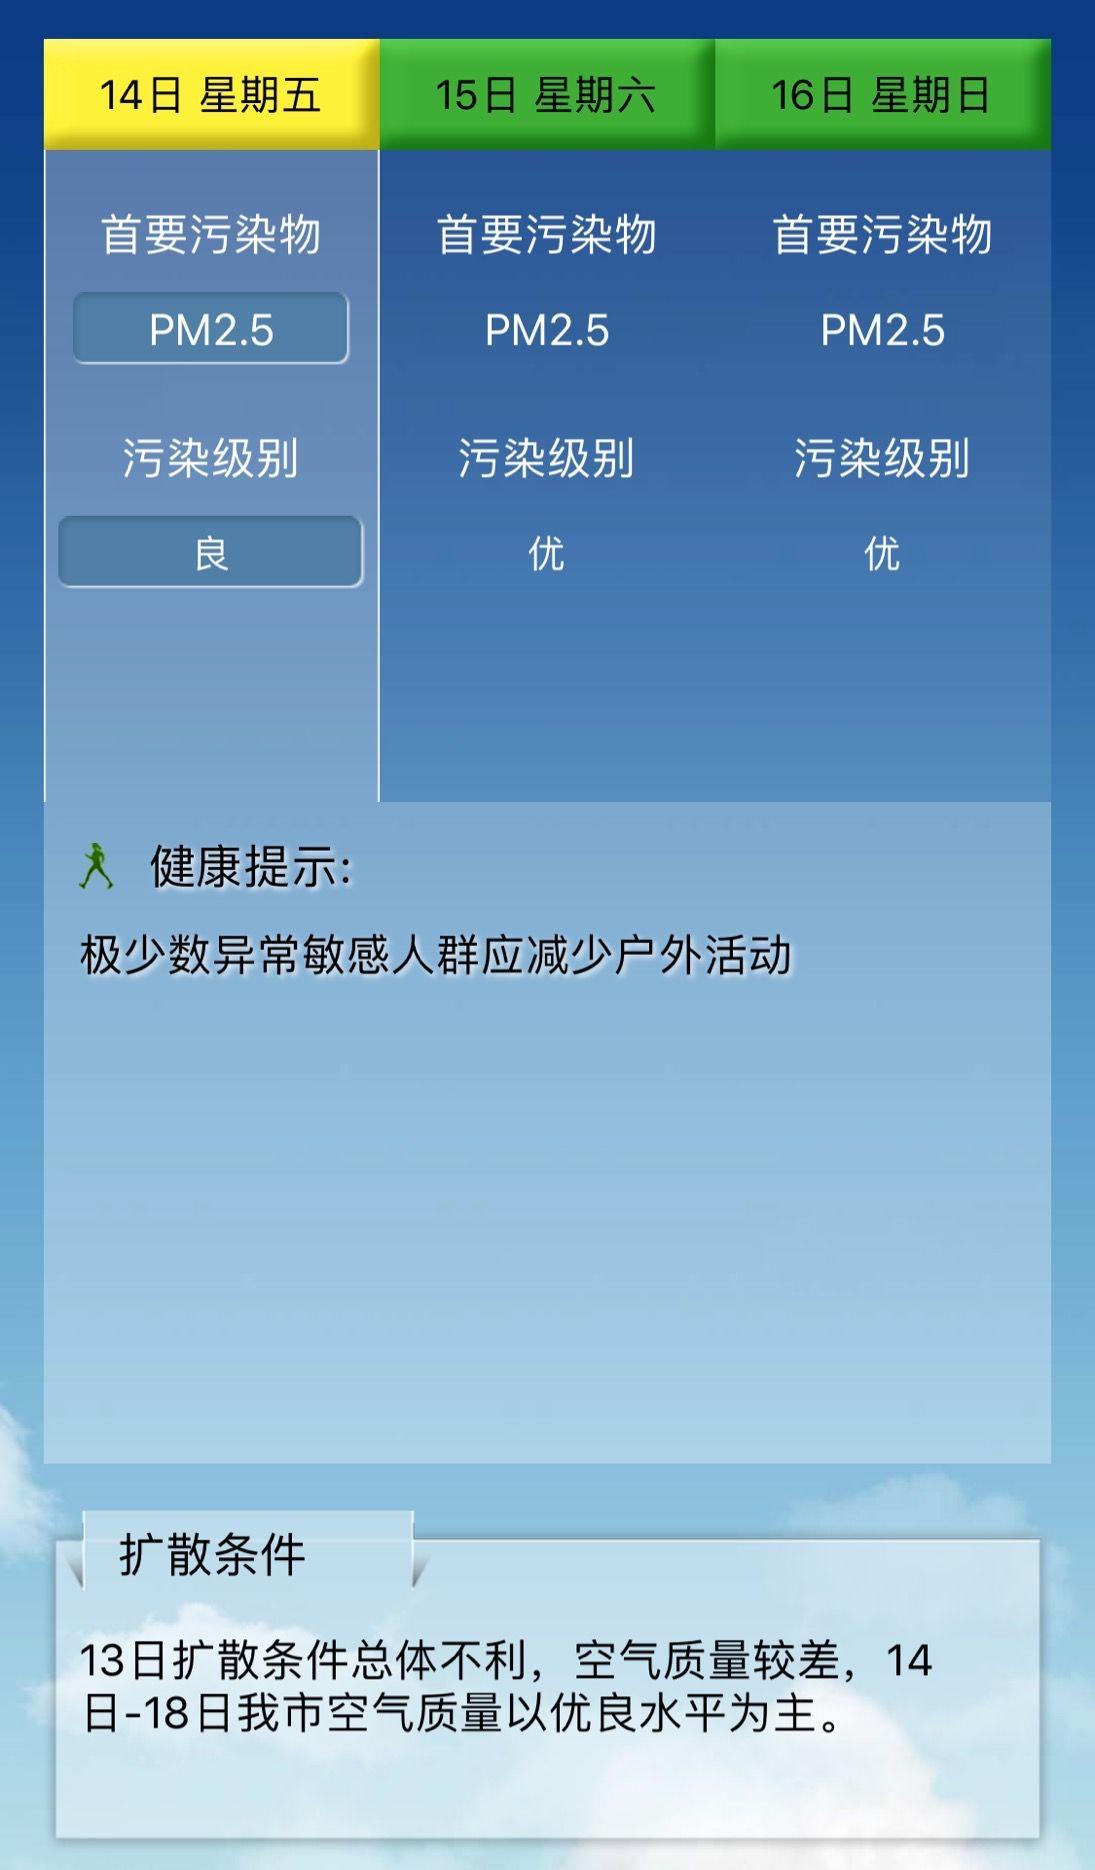 预告表现,彻夜寒风增强,空气质量改进至优良程度。图/北京环保监测中央